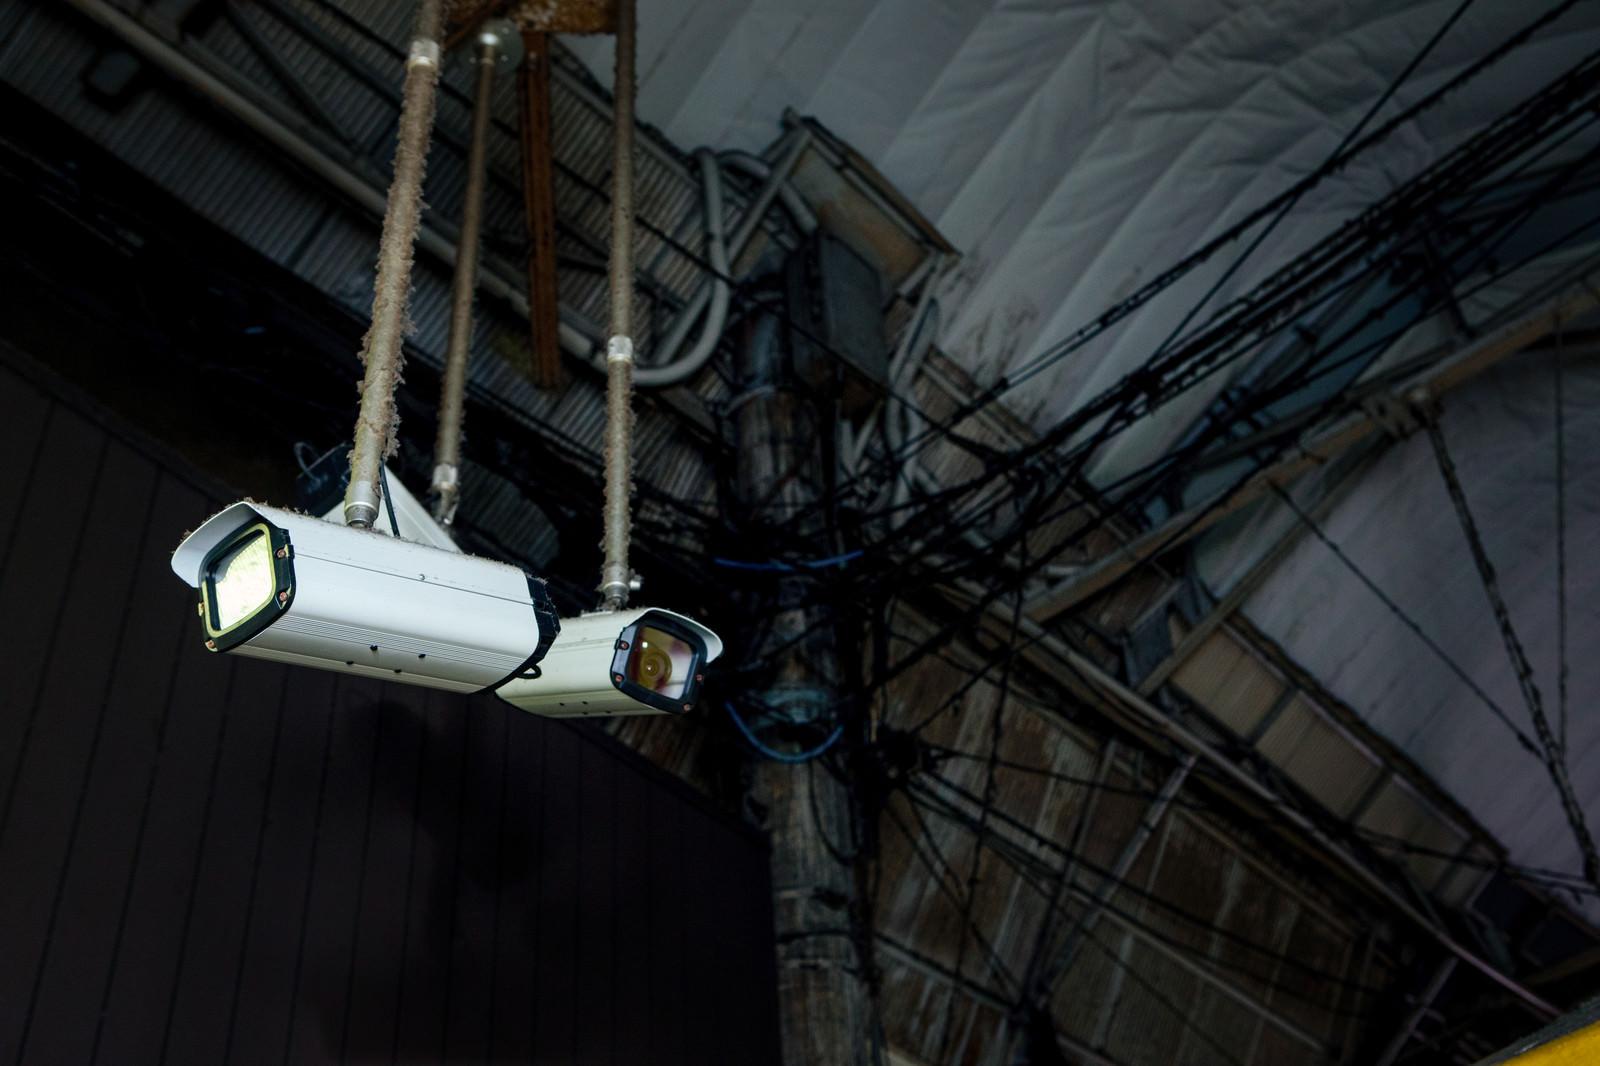 「周囲を監視する防犯カメラ」の写真